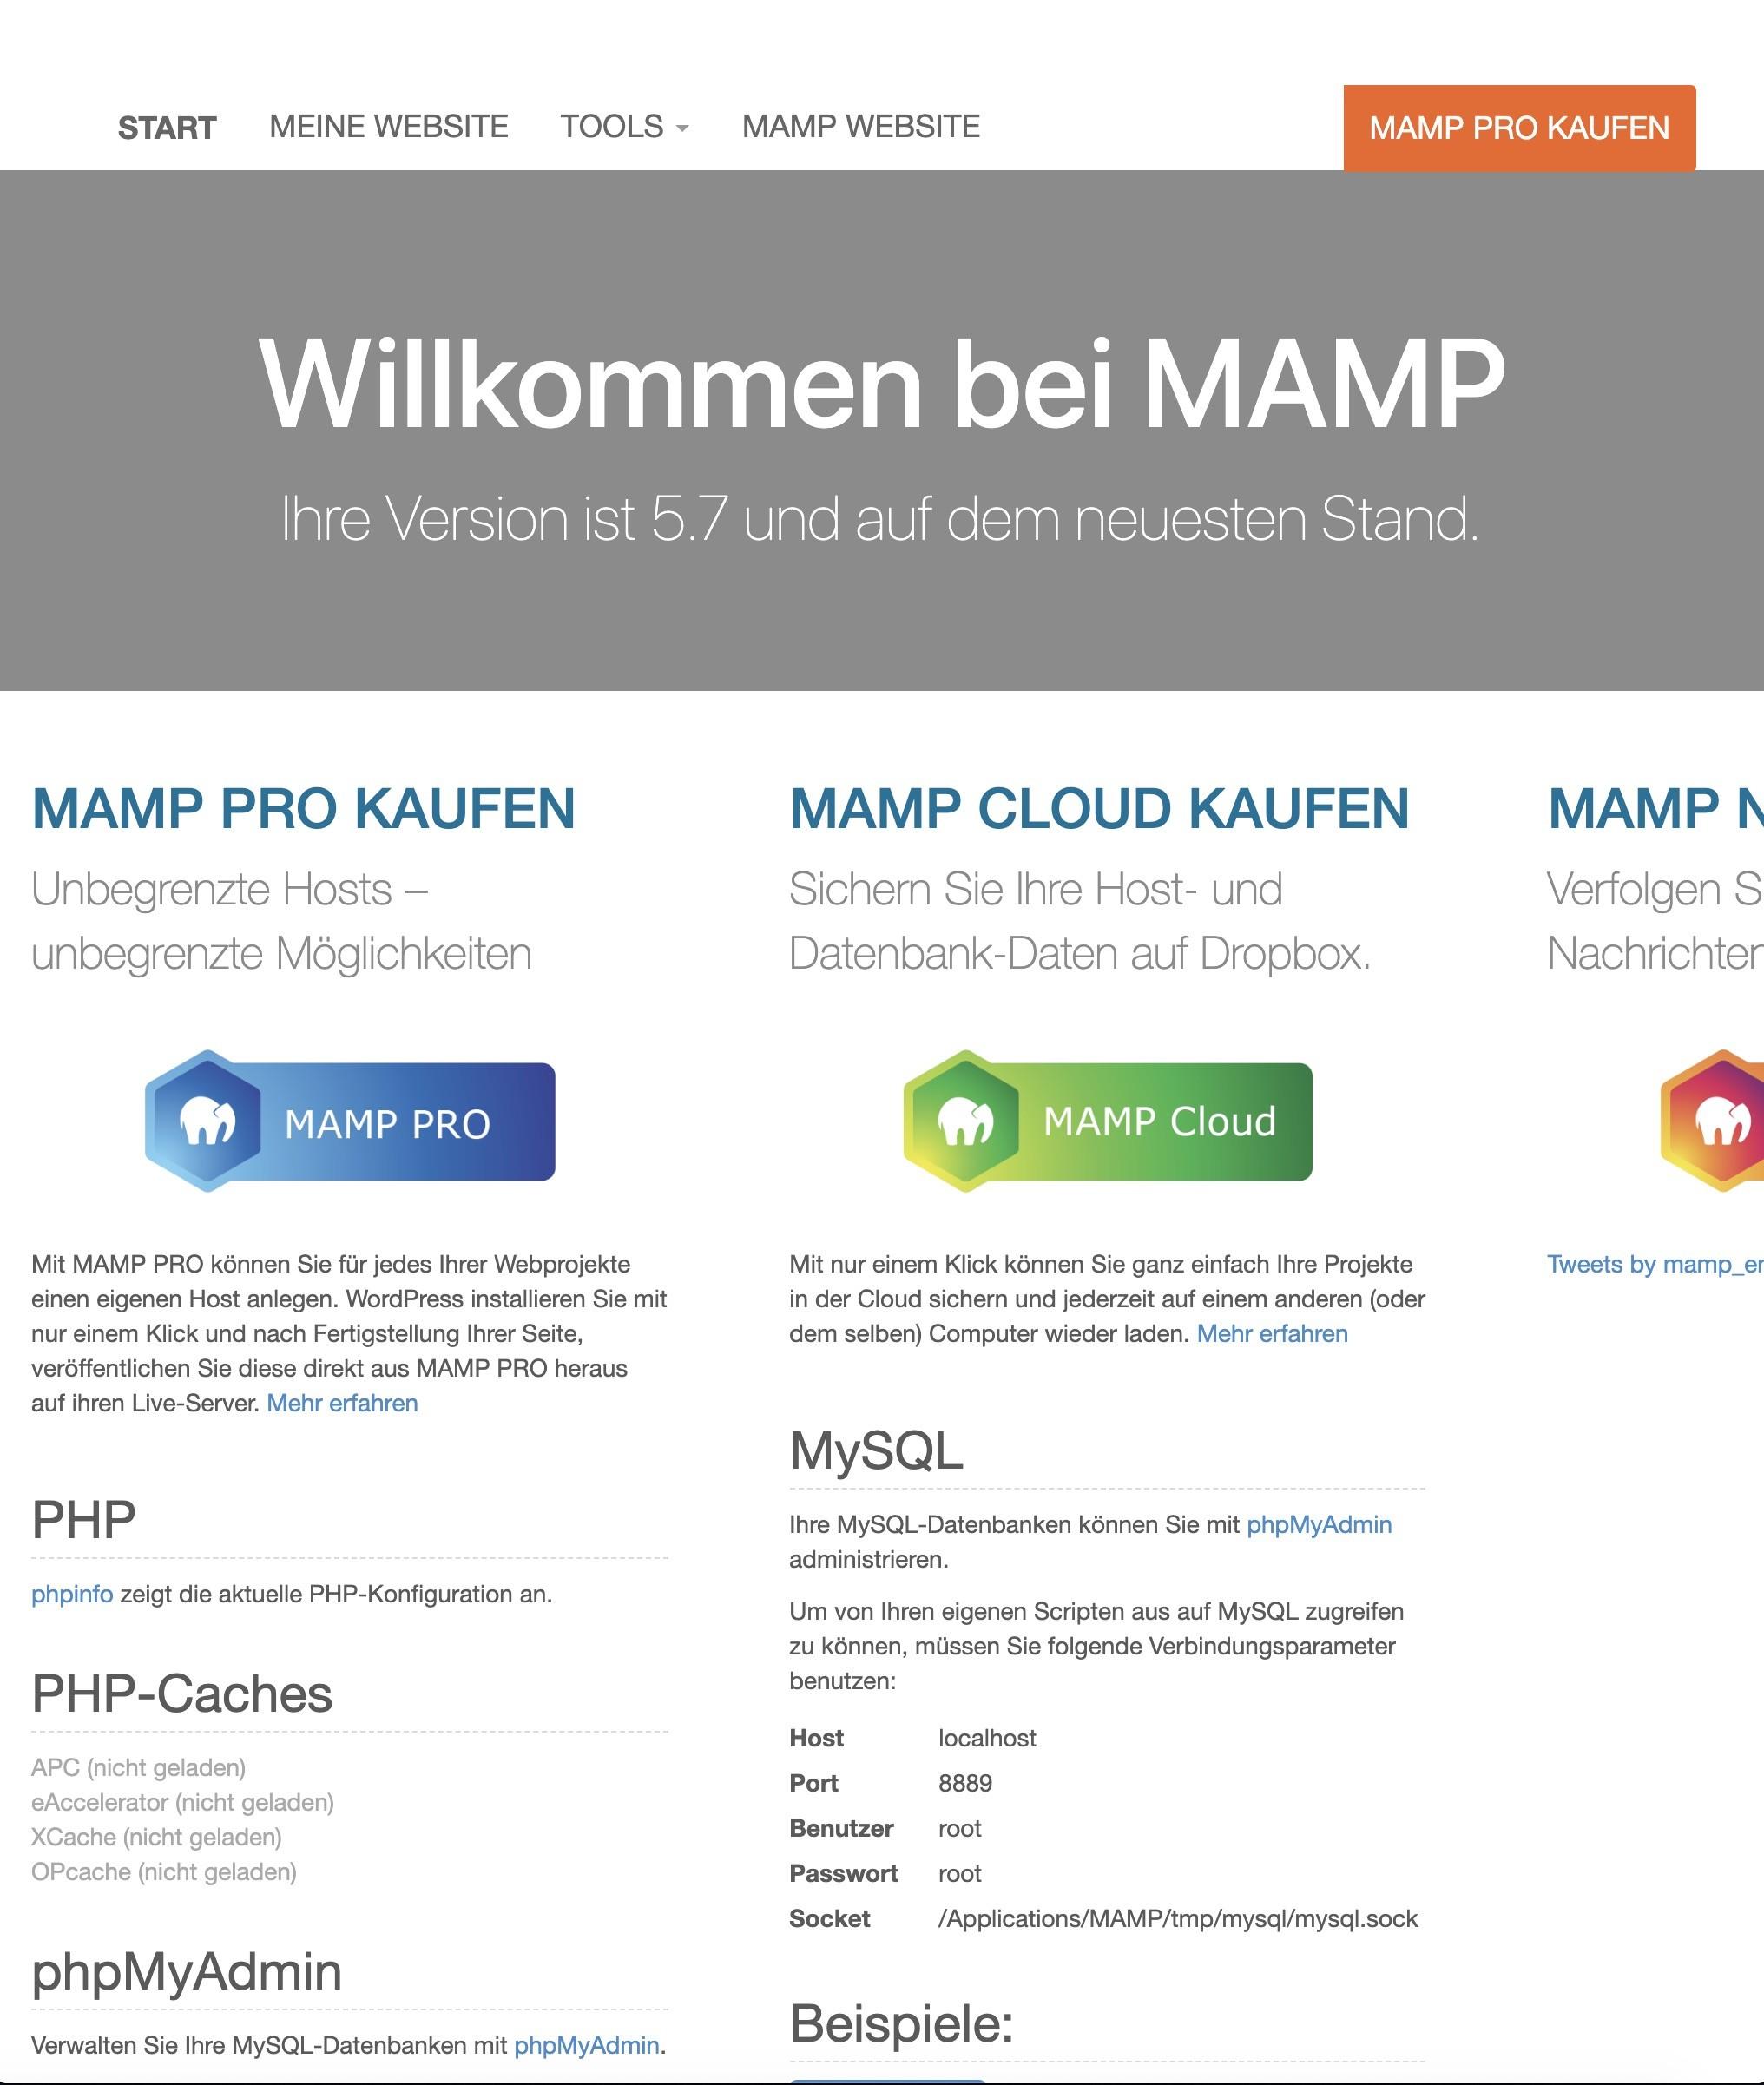 Shopware 6 lokal installieren Mac - MAMP Startseite